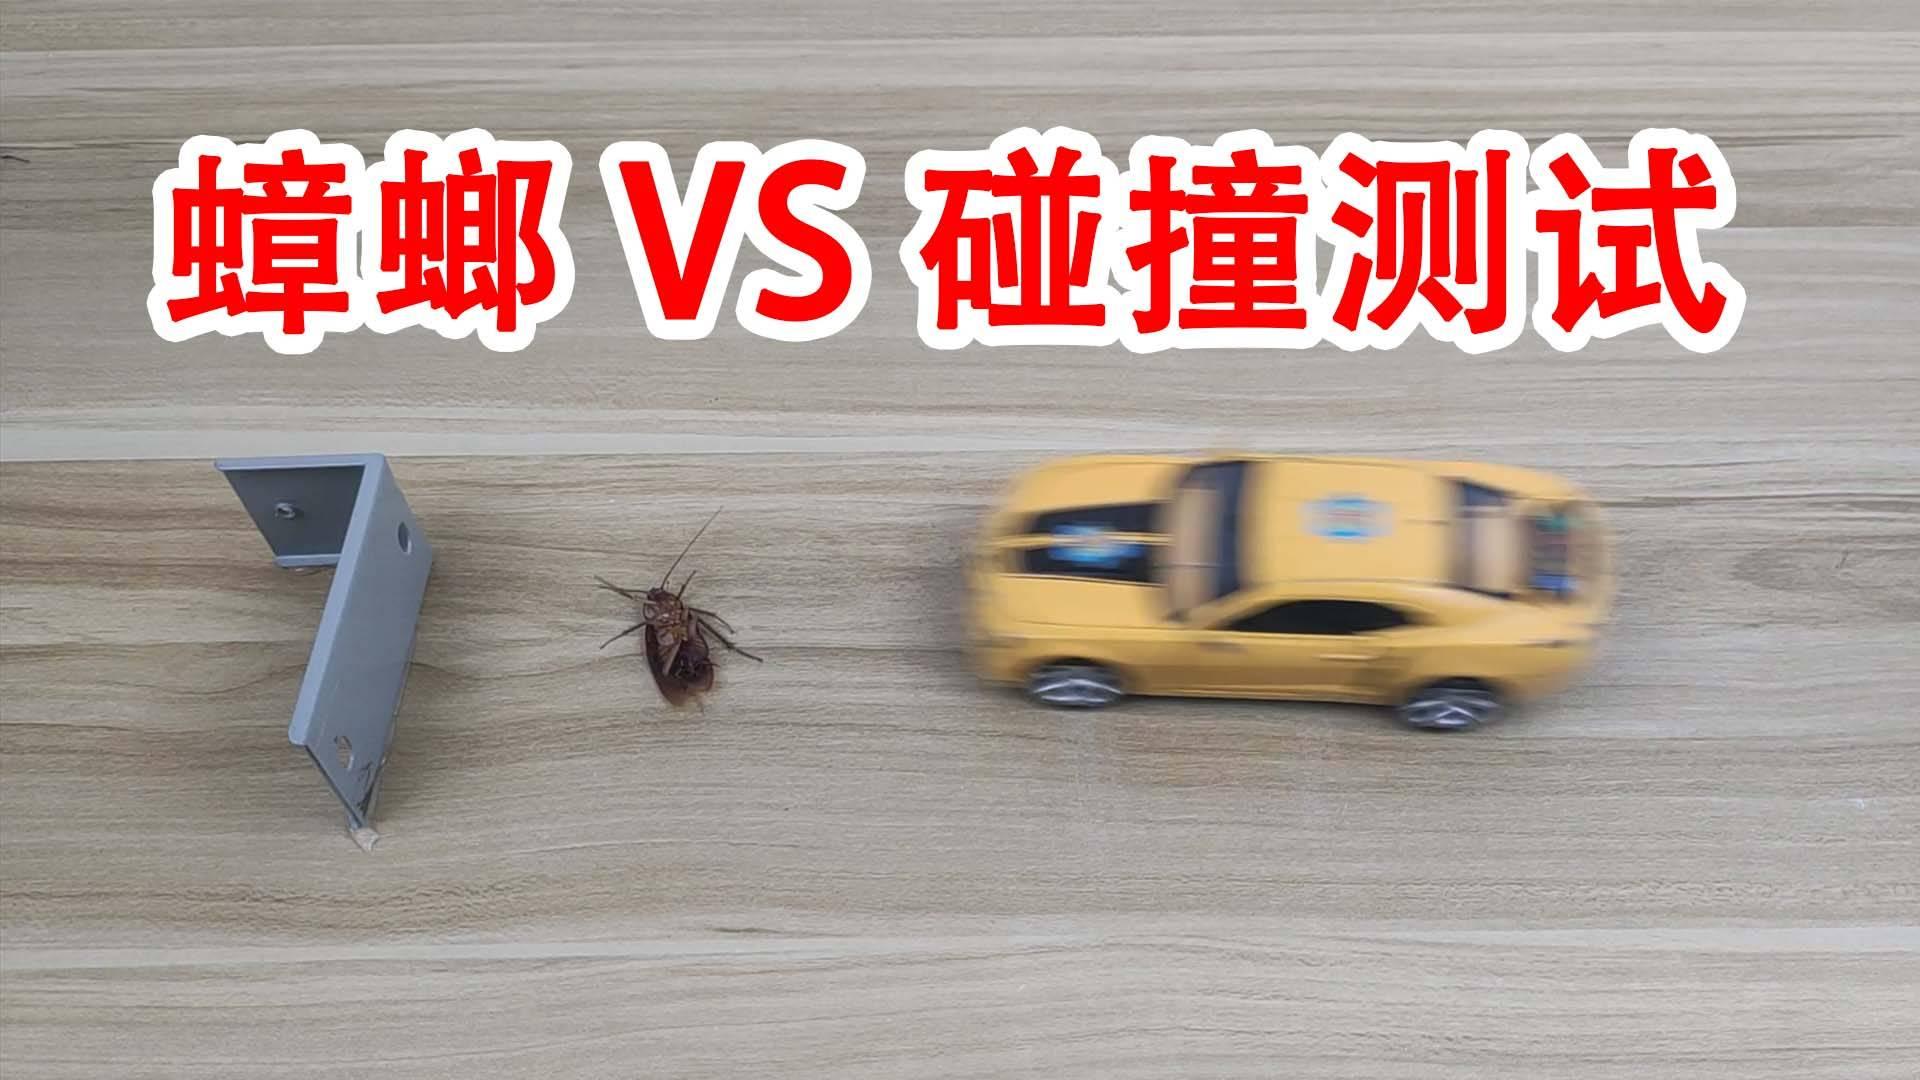 蟑螂VS汽车碰撞测试,顺便鄙视一下大众帕萨特!